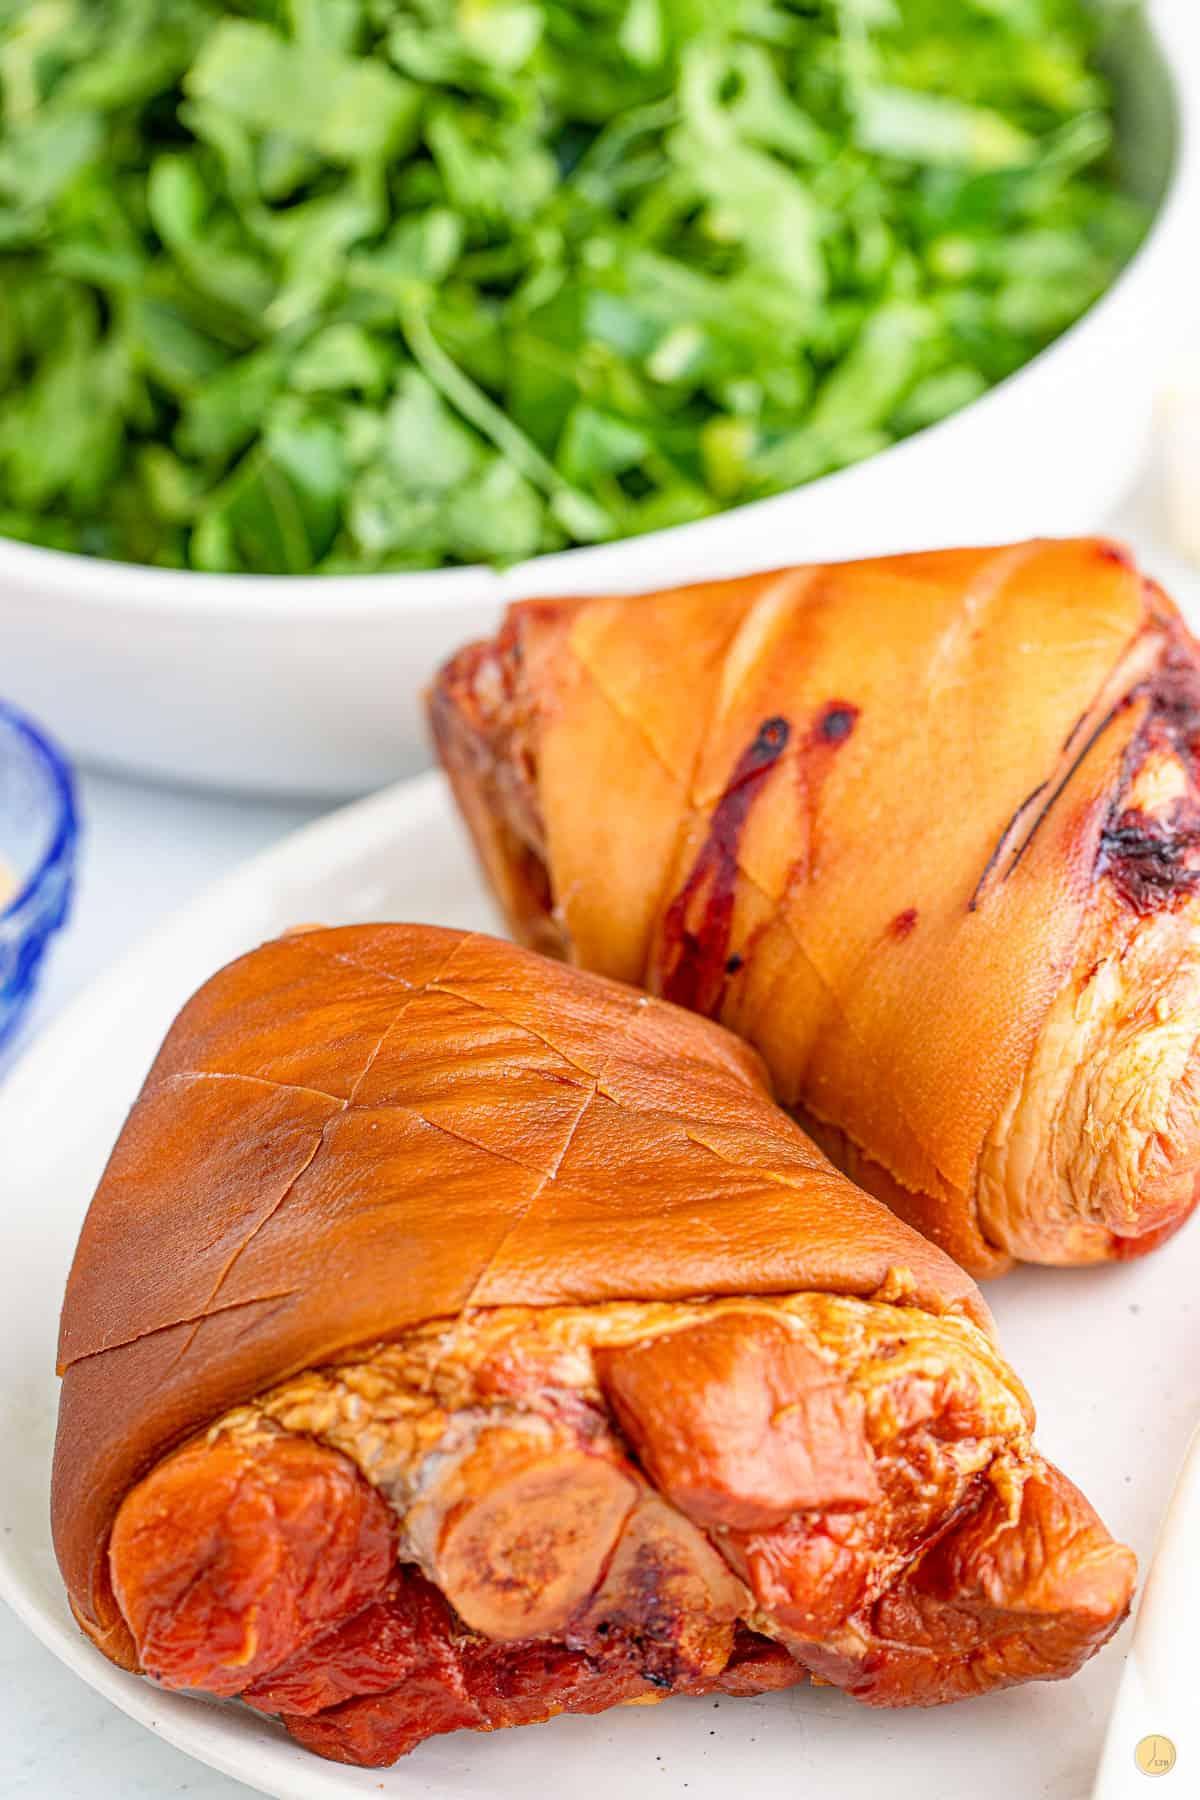 ham hocks on a plate